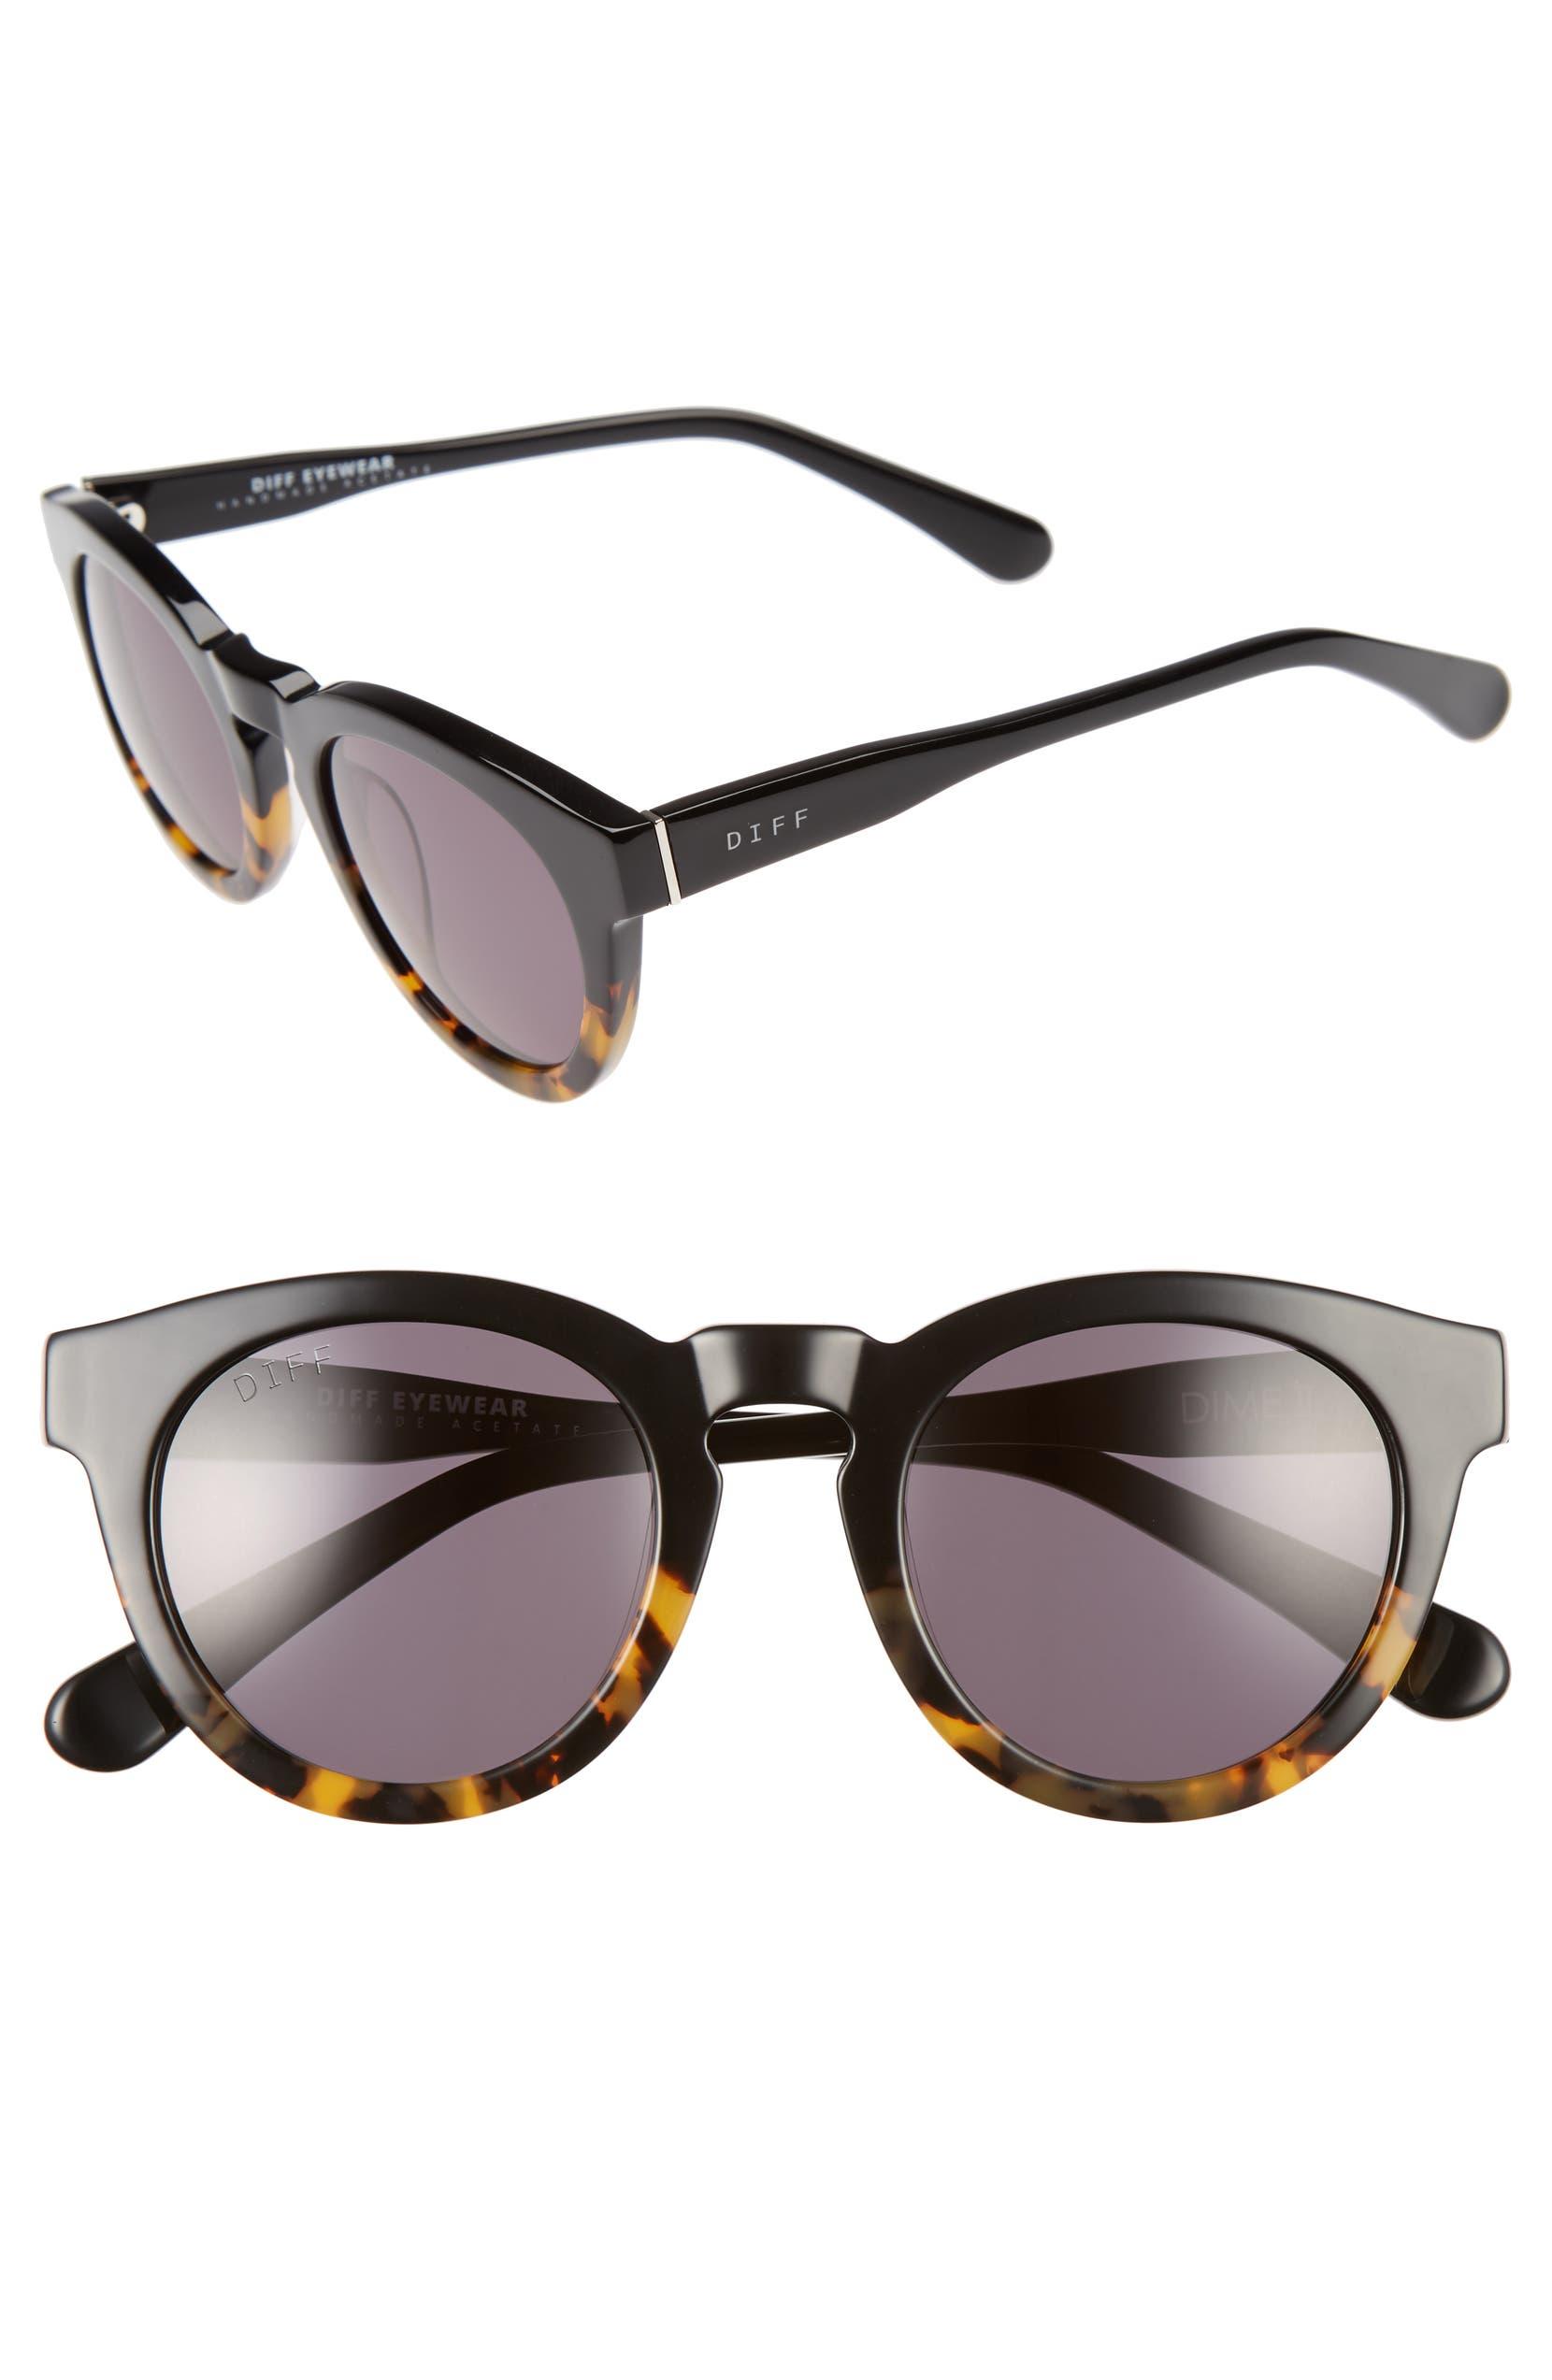 3bb292abecc DIFF Dime II 48mm Retro Sunglasses